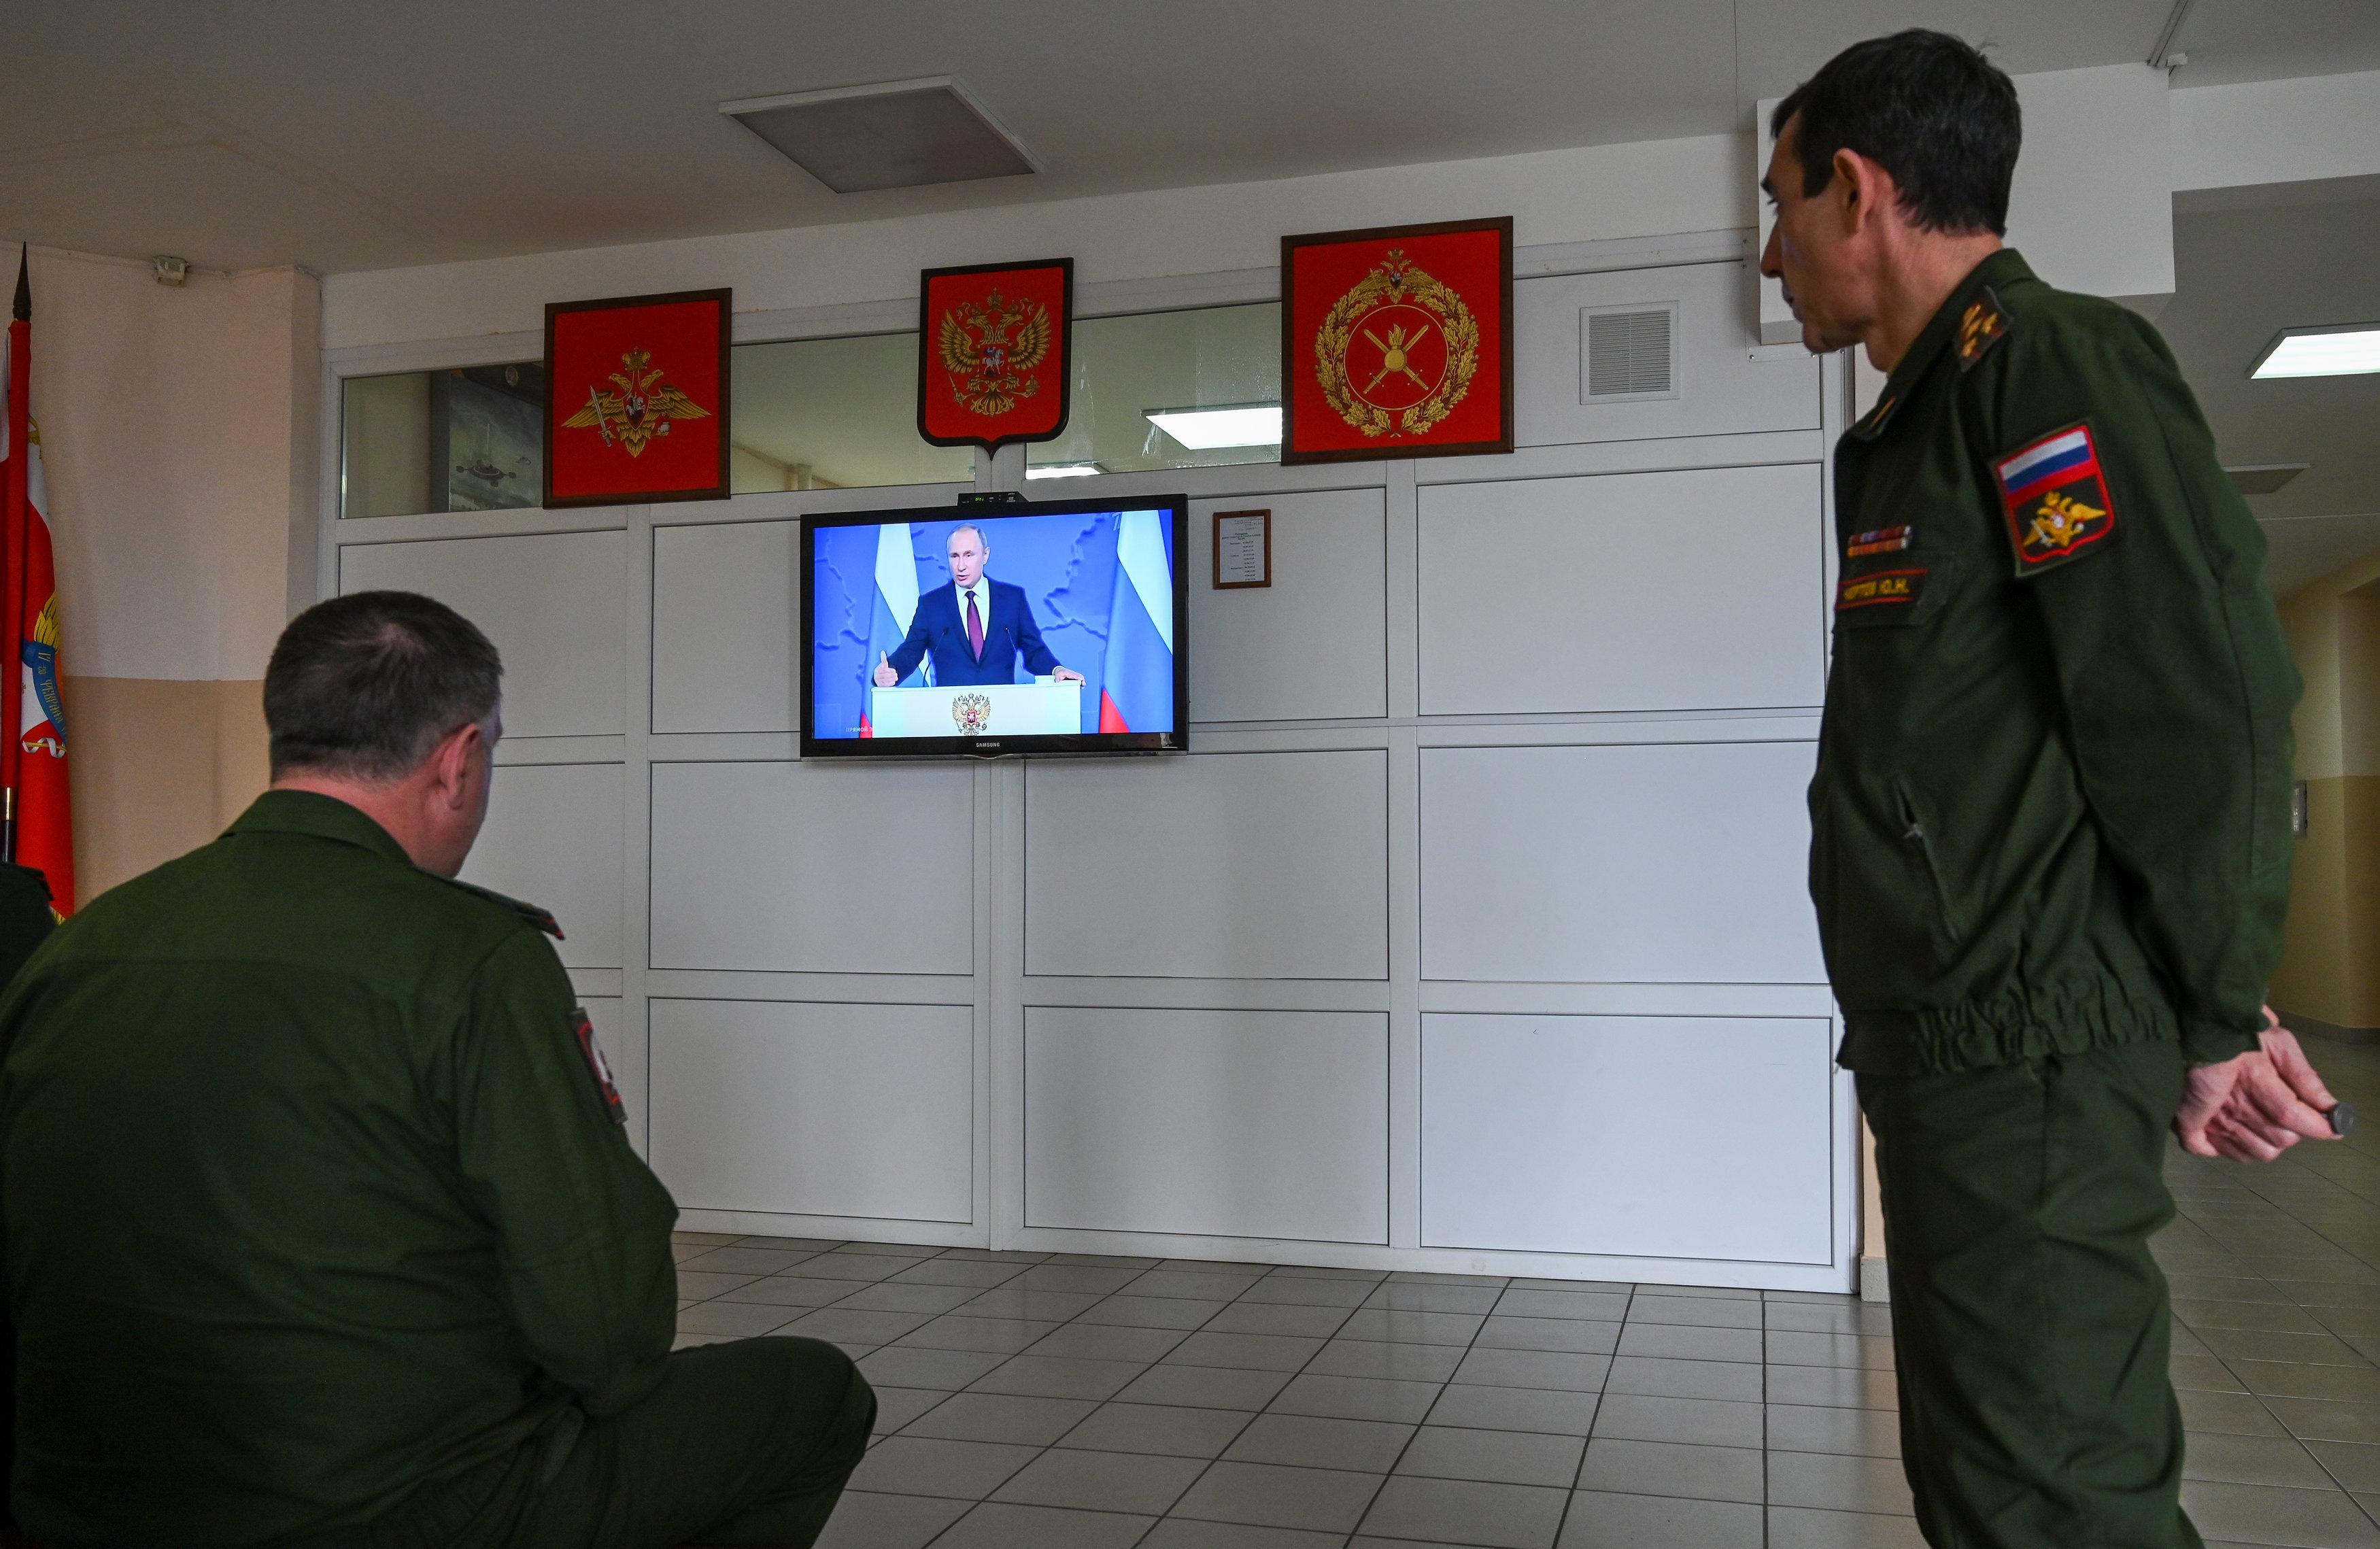 Oficiales escuchan el mensaje presidencial (REUTERS/Sergey Pivovarov)